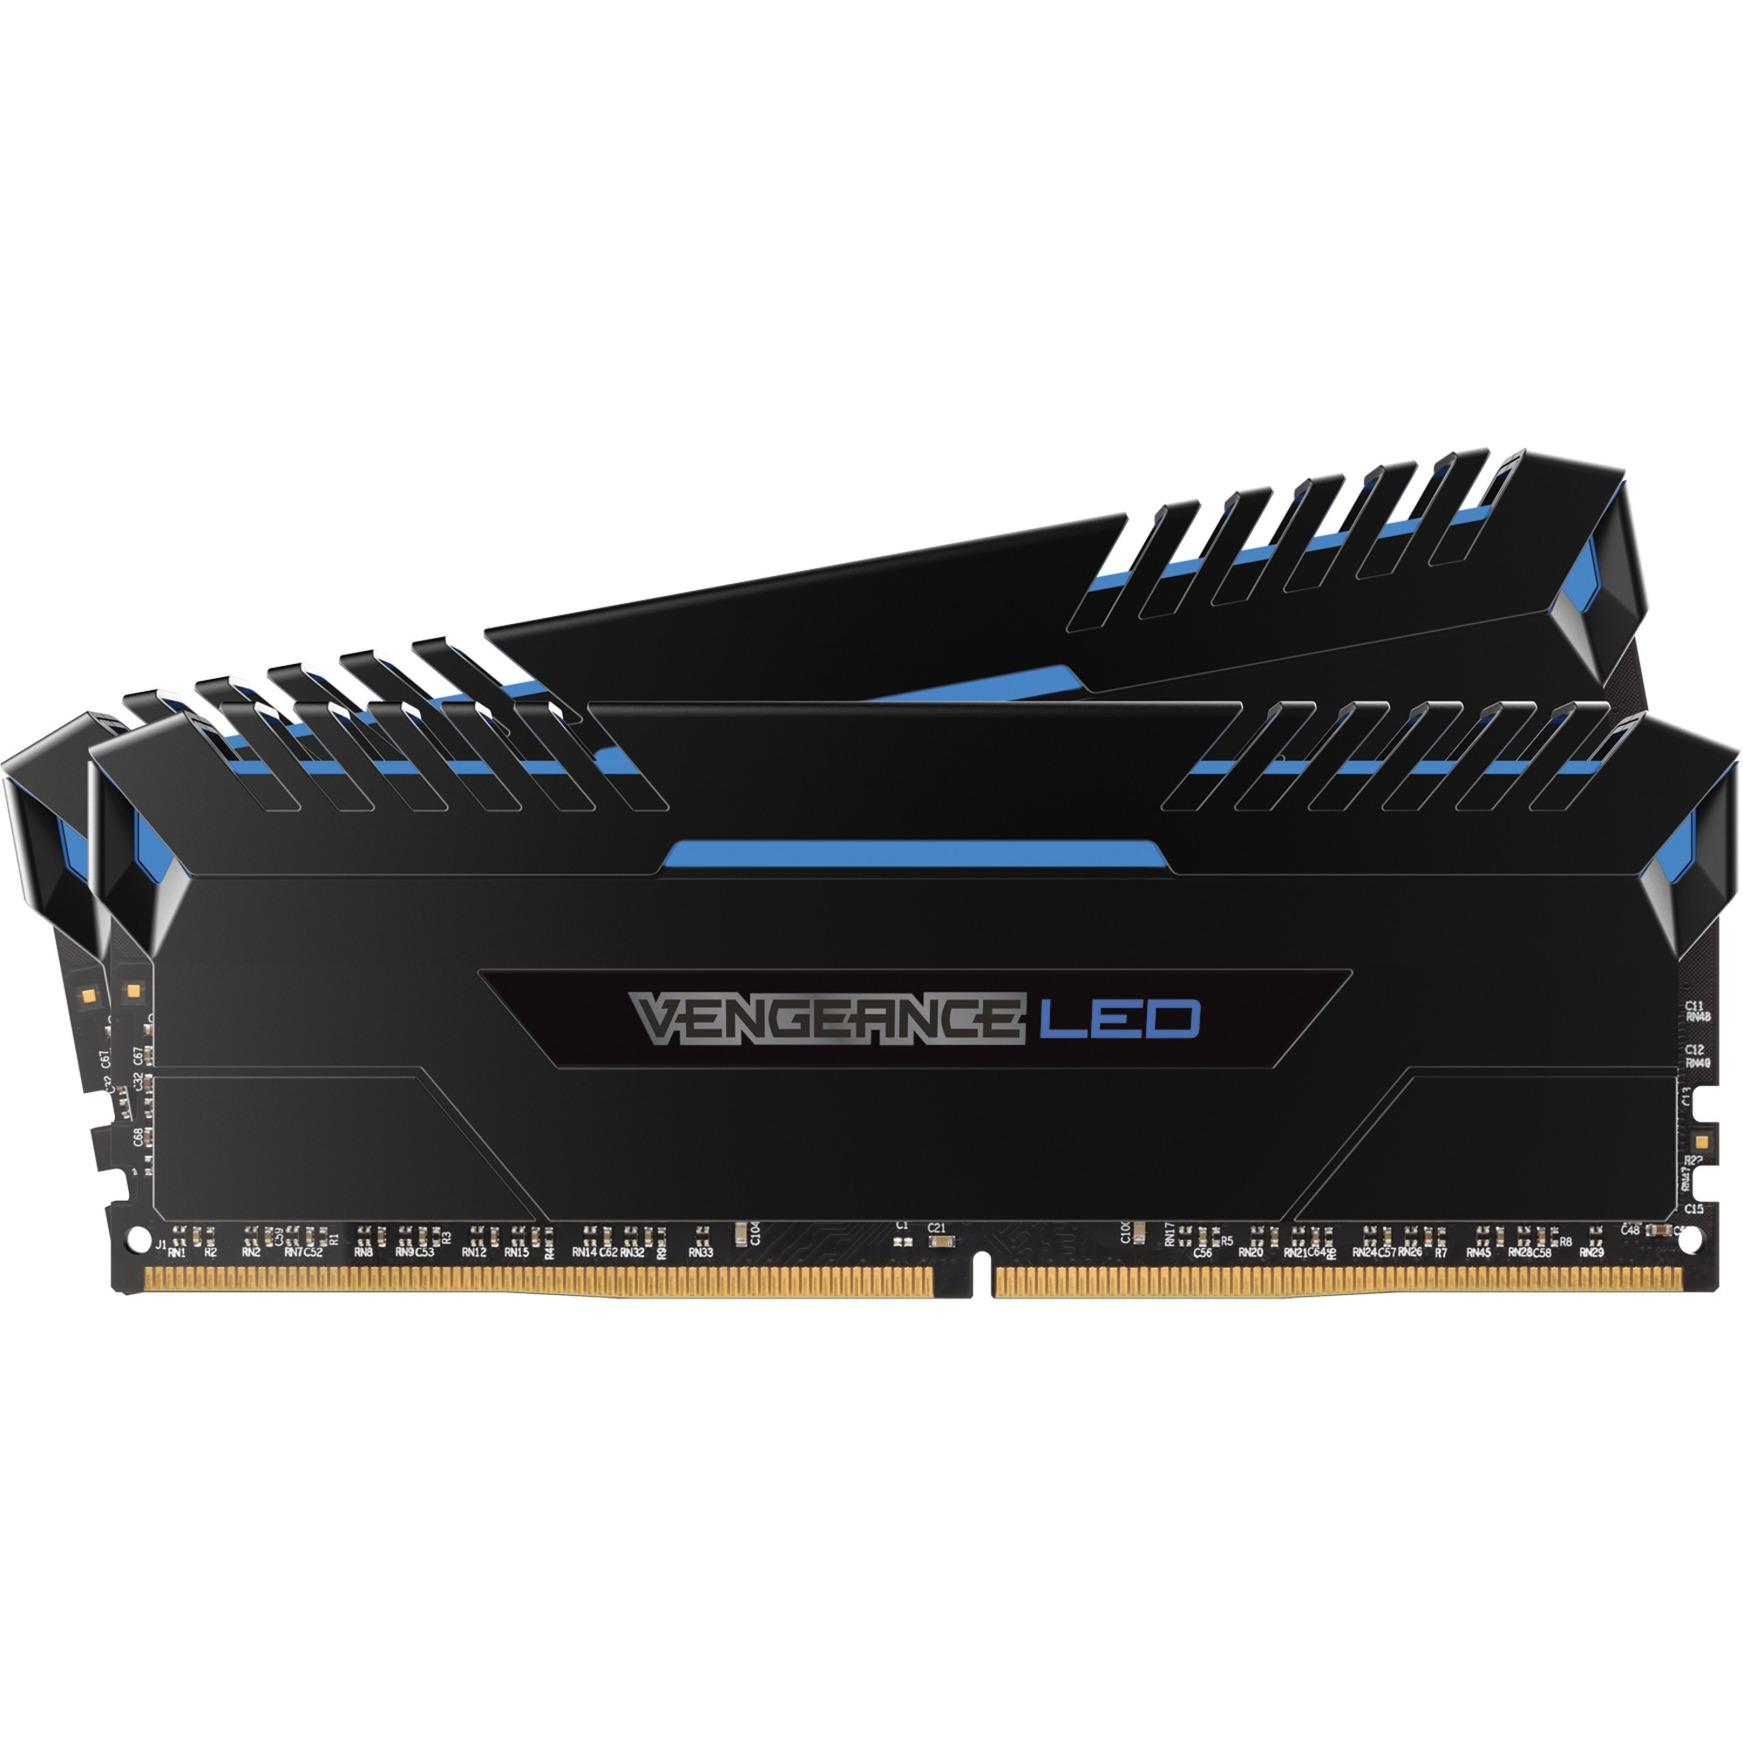 Vengeance LED 32 GB, DDR4, 3000 MHz 32Go DDR4 3000MHz module de mémoire